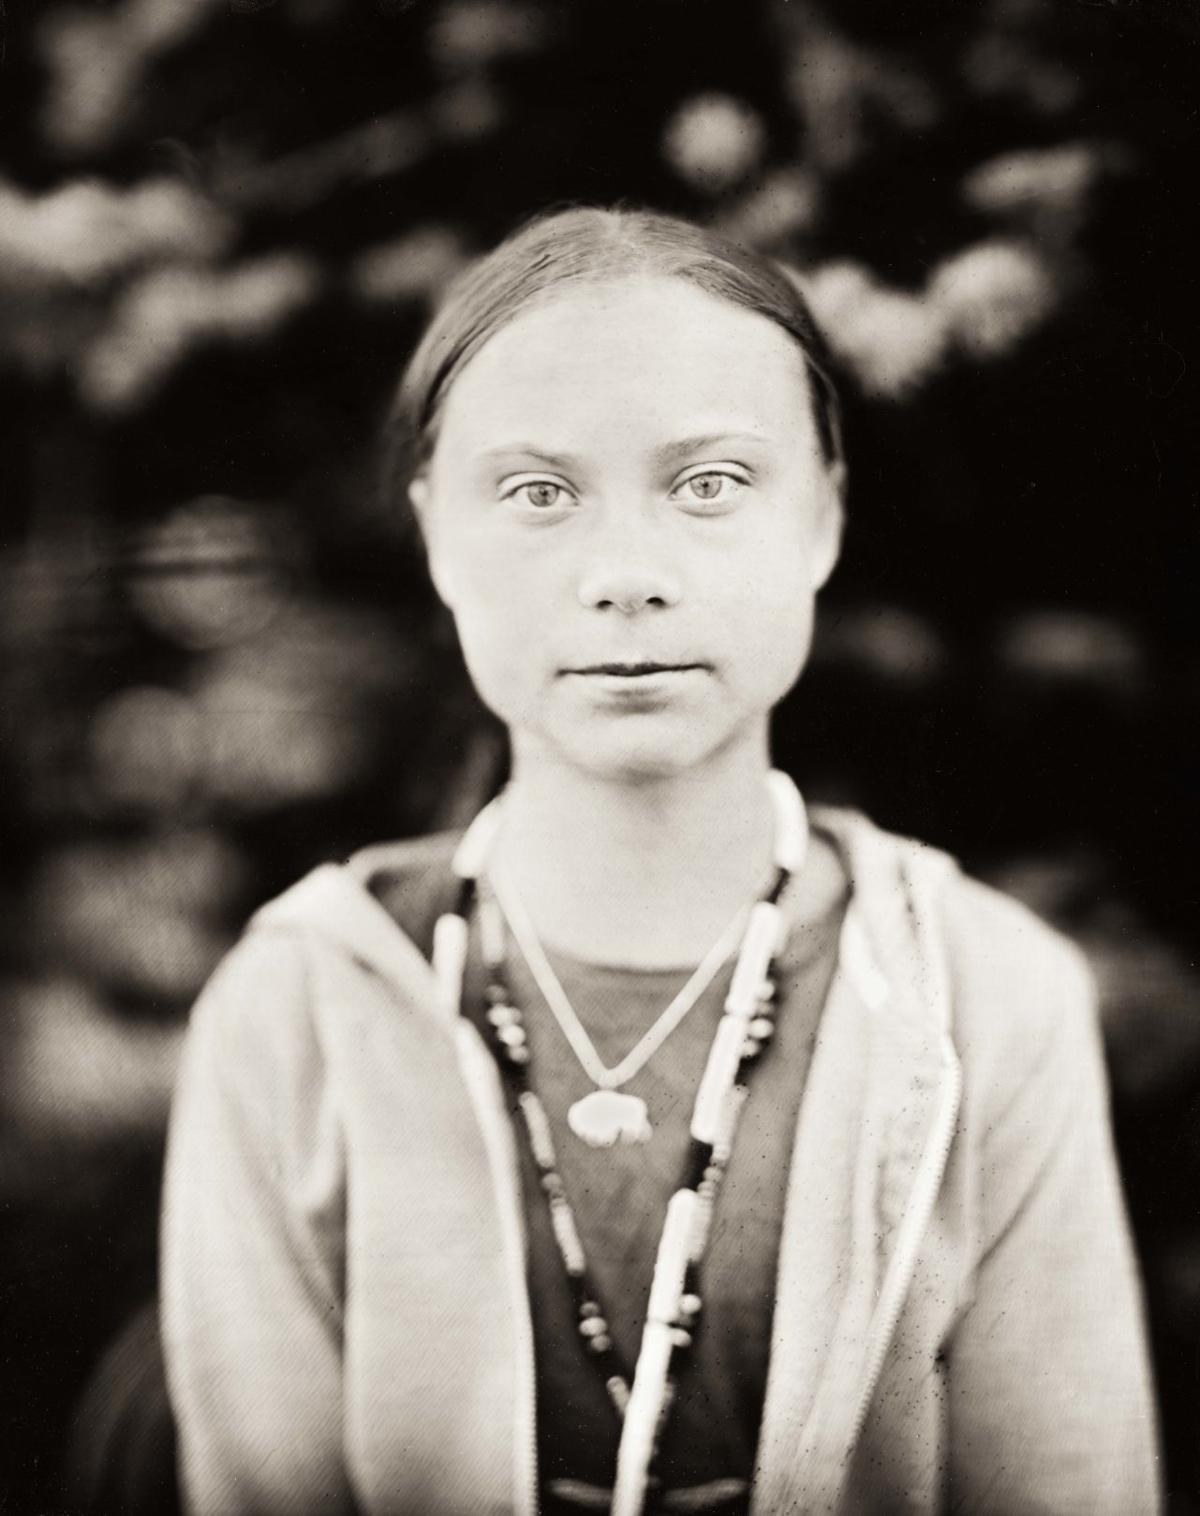 Greta Thunberg Portrait by Shane Balkowitsch